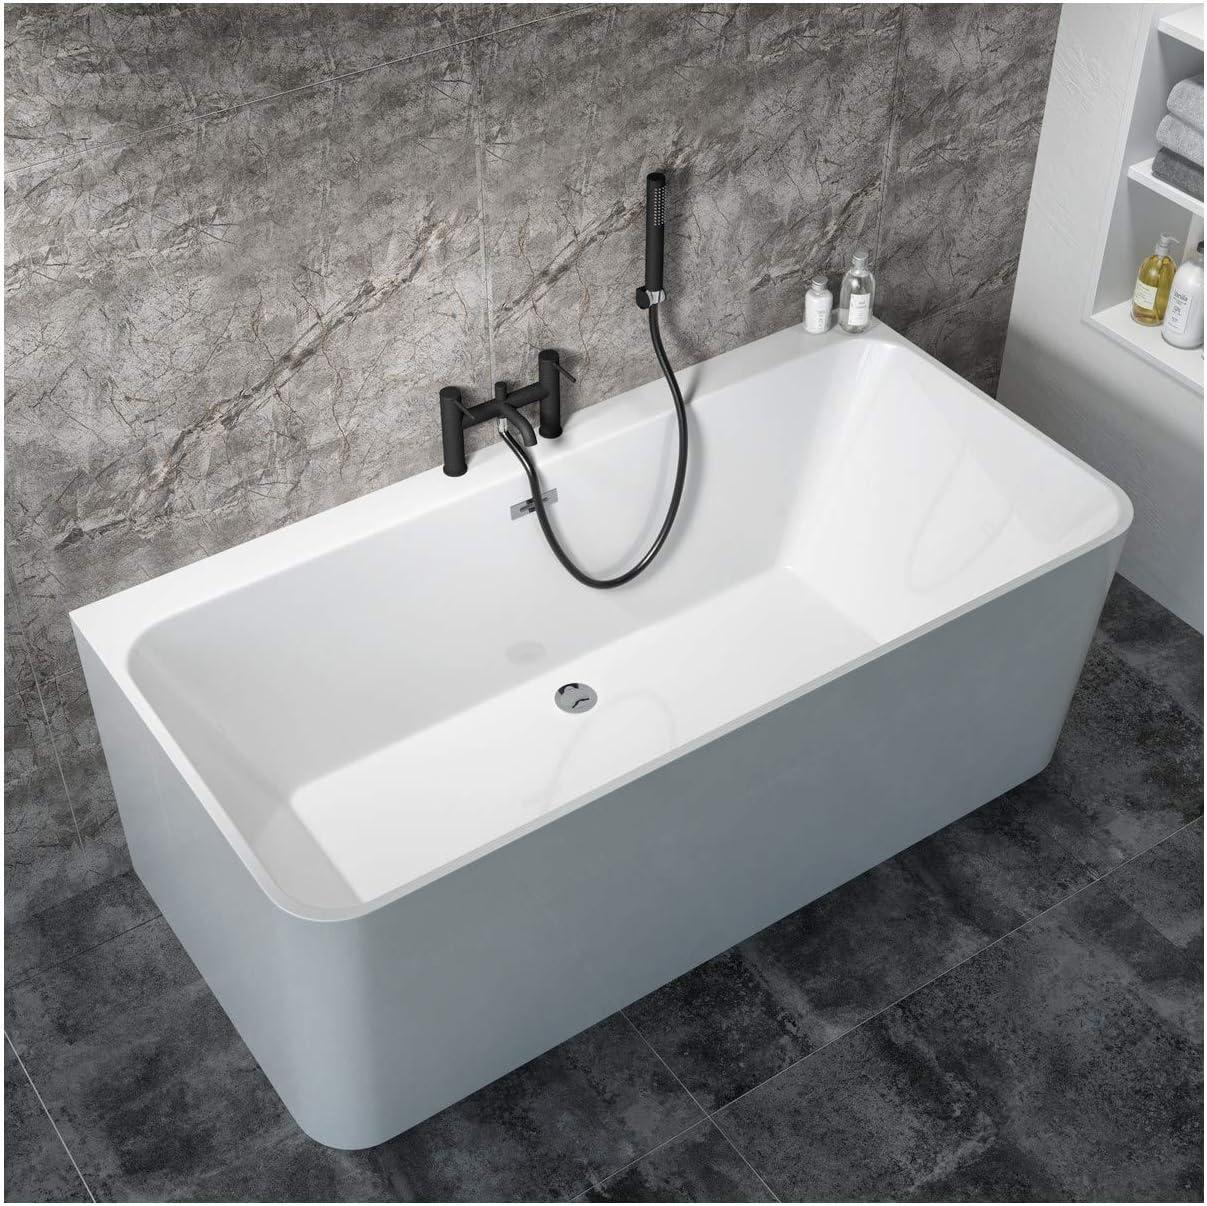 Arissa Round Matt Black Deck Mounted Bath Shower Mixer Tap